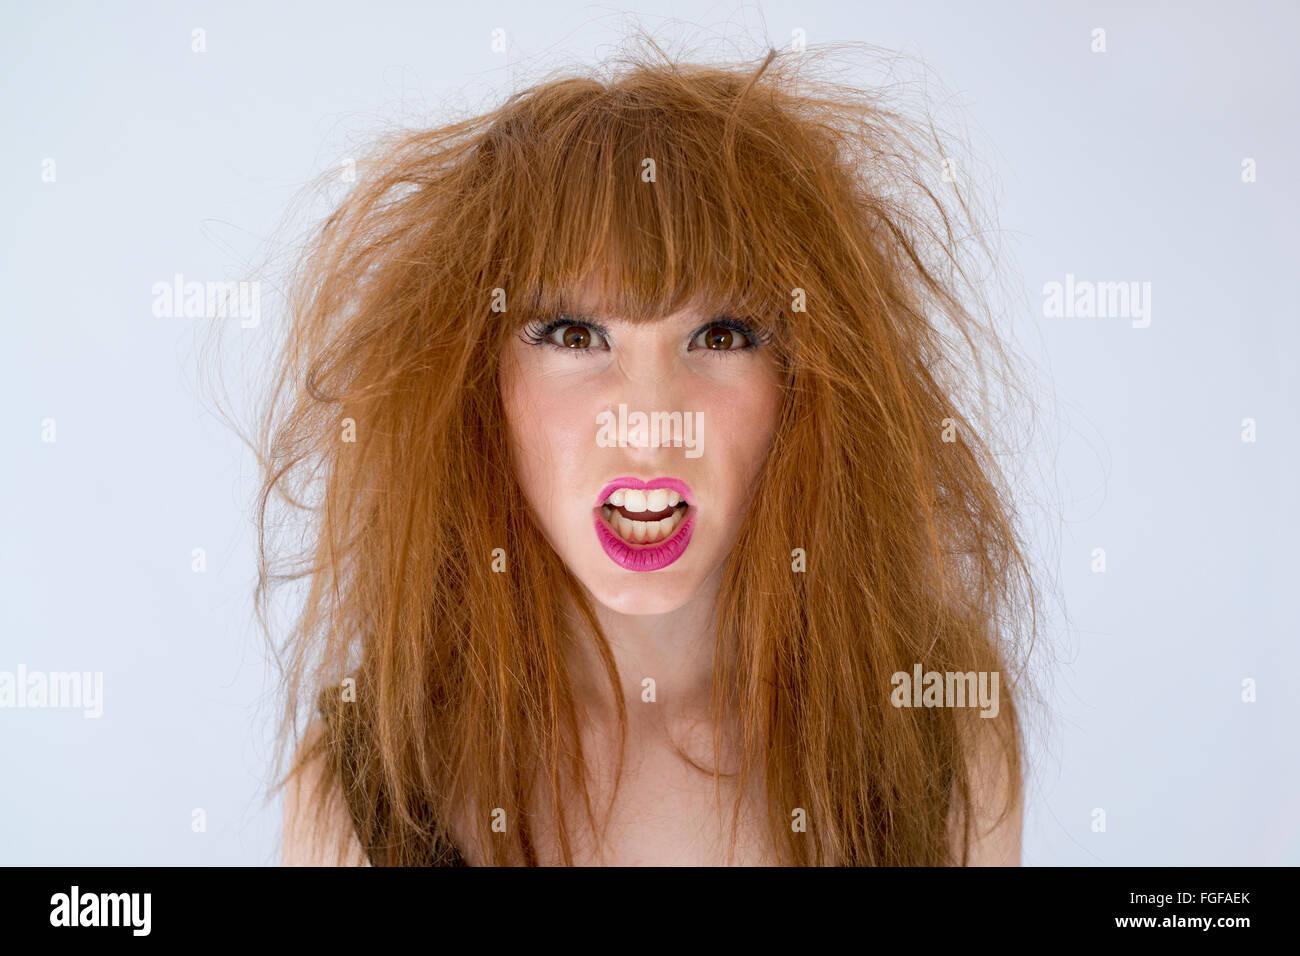 Retrato de una mujer con el cabello desaliñado desordenado y con expresión de ira Imagen De Stock